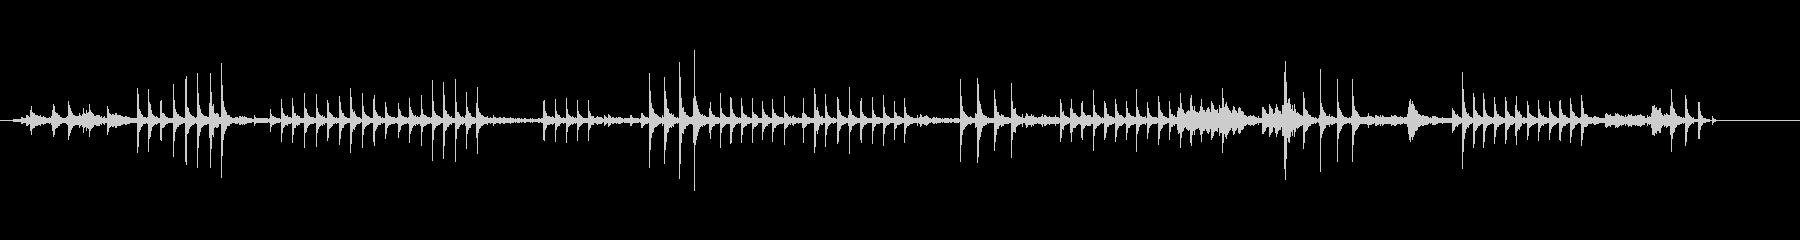 鍛造ハンマー(打撃)-コーティング...の未再生の波形